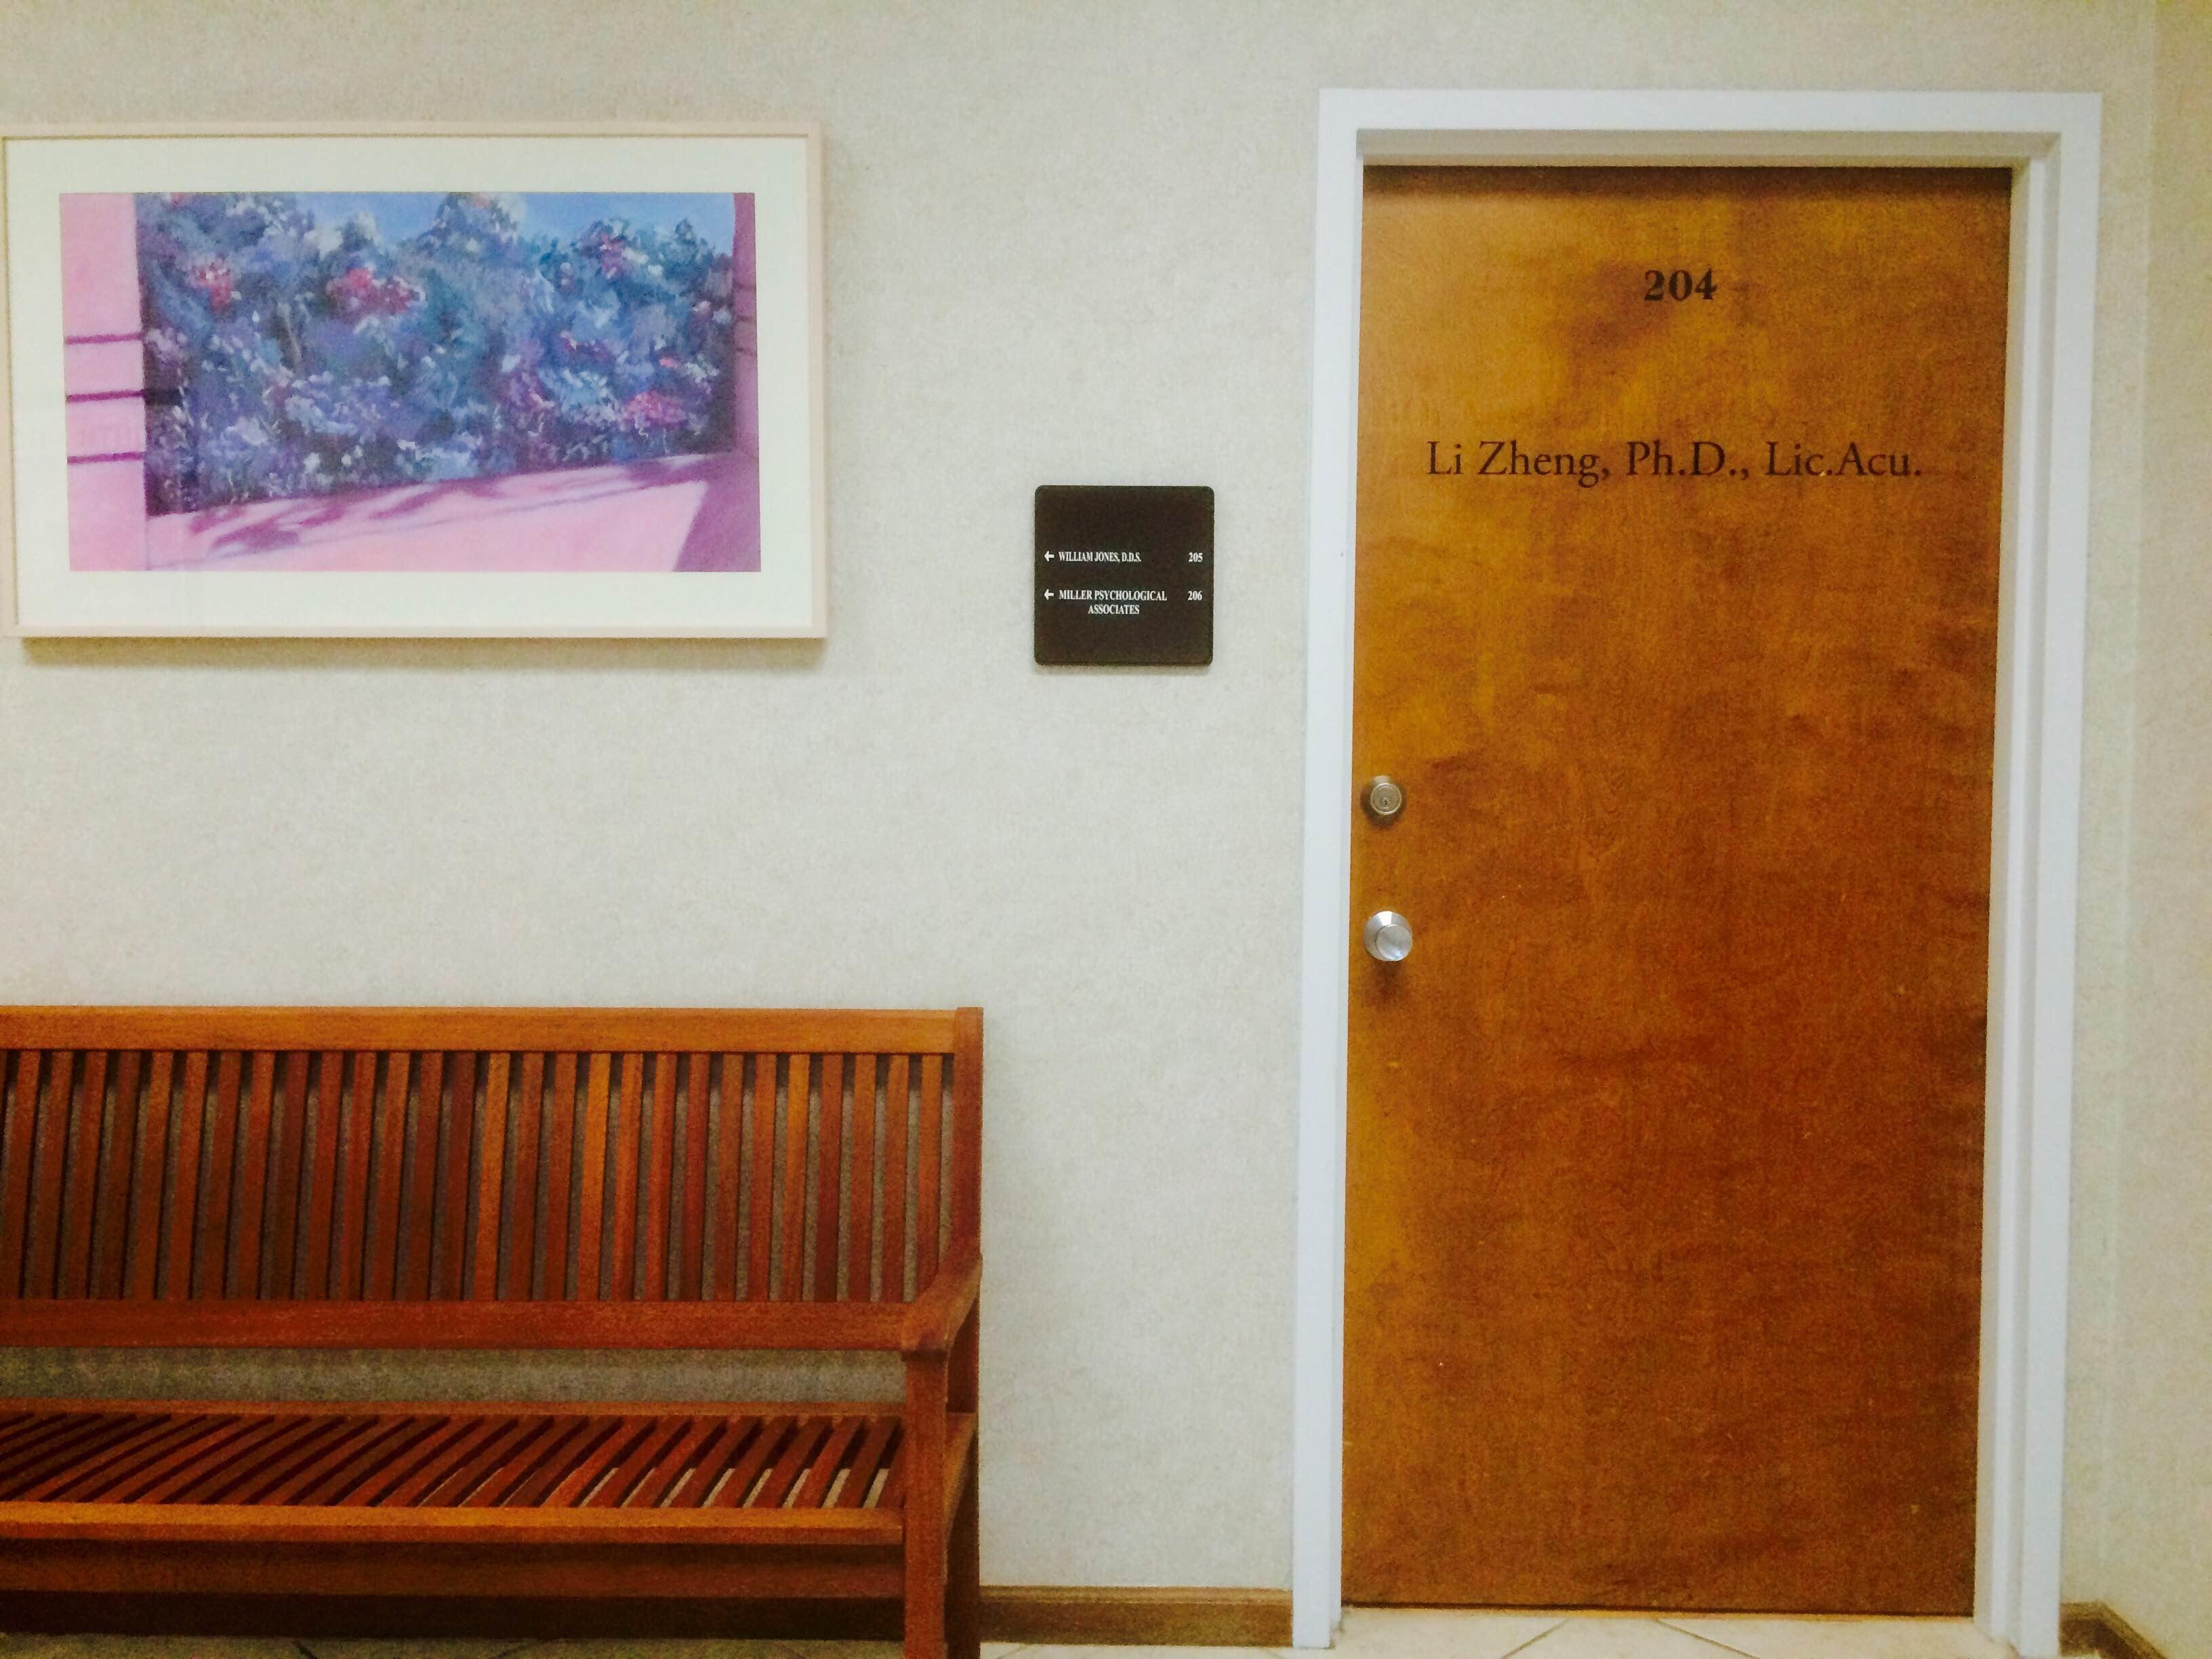 Boca Raton Acupuncture Clinic image 3